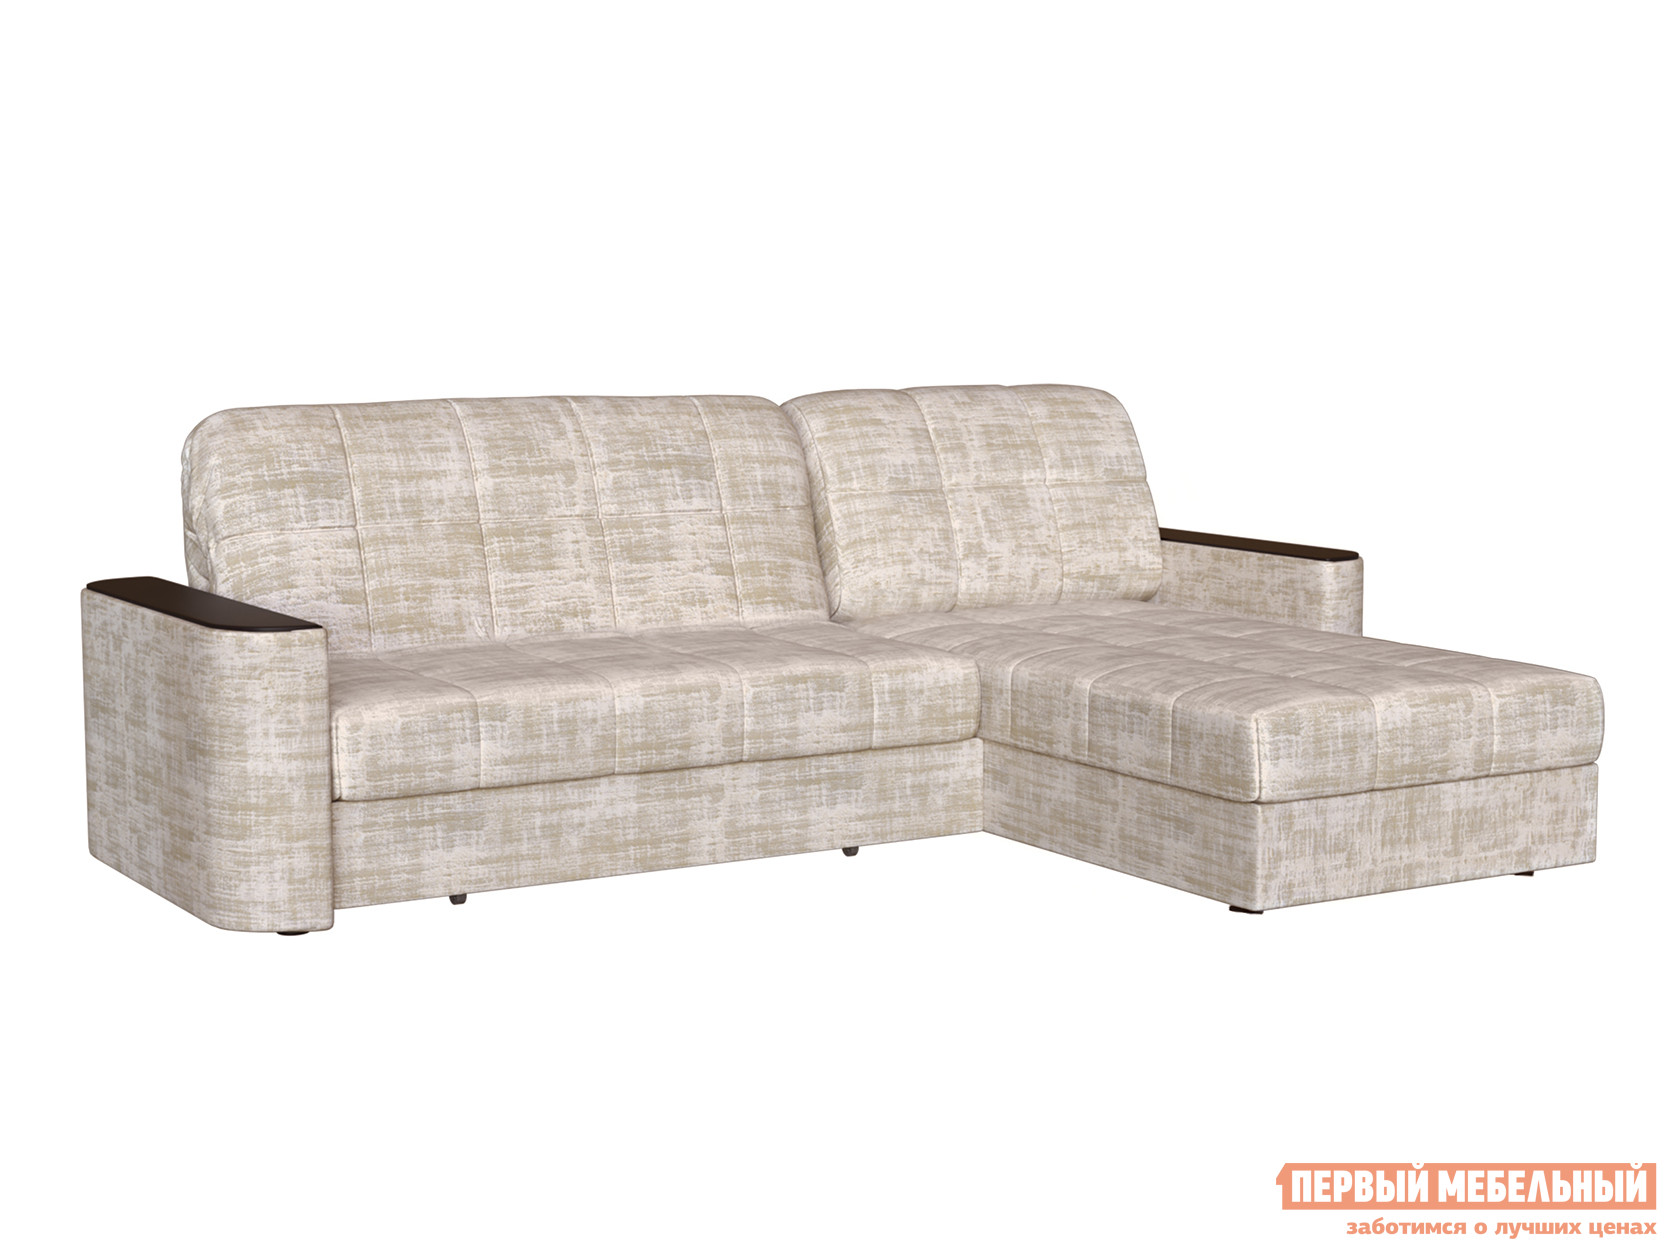 Угловой диван Первый Мебельный Диван Лукас с оттоманкой Люкс